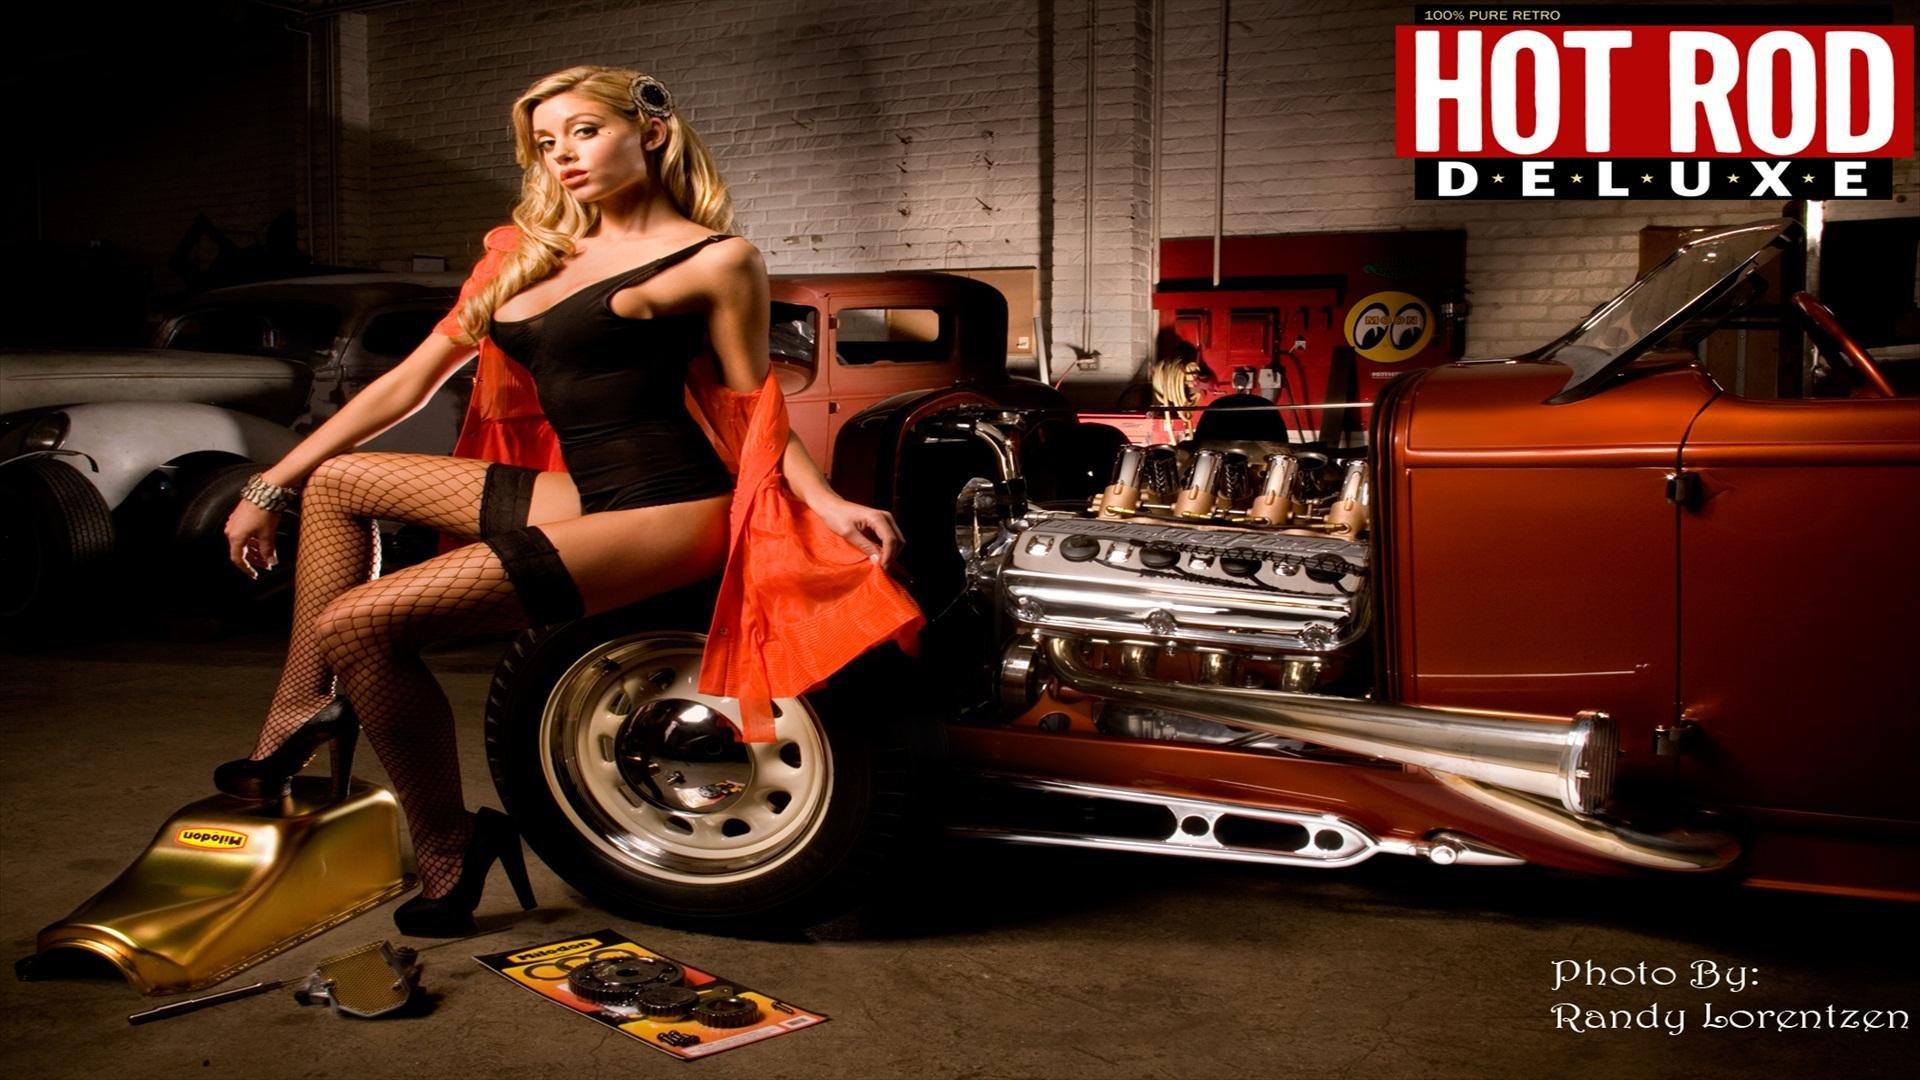 Hot Rod Deluxe Wallpaper